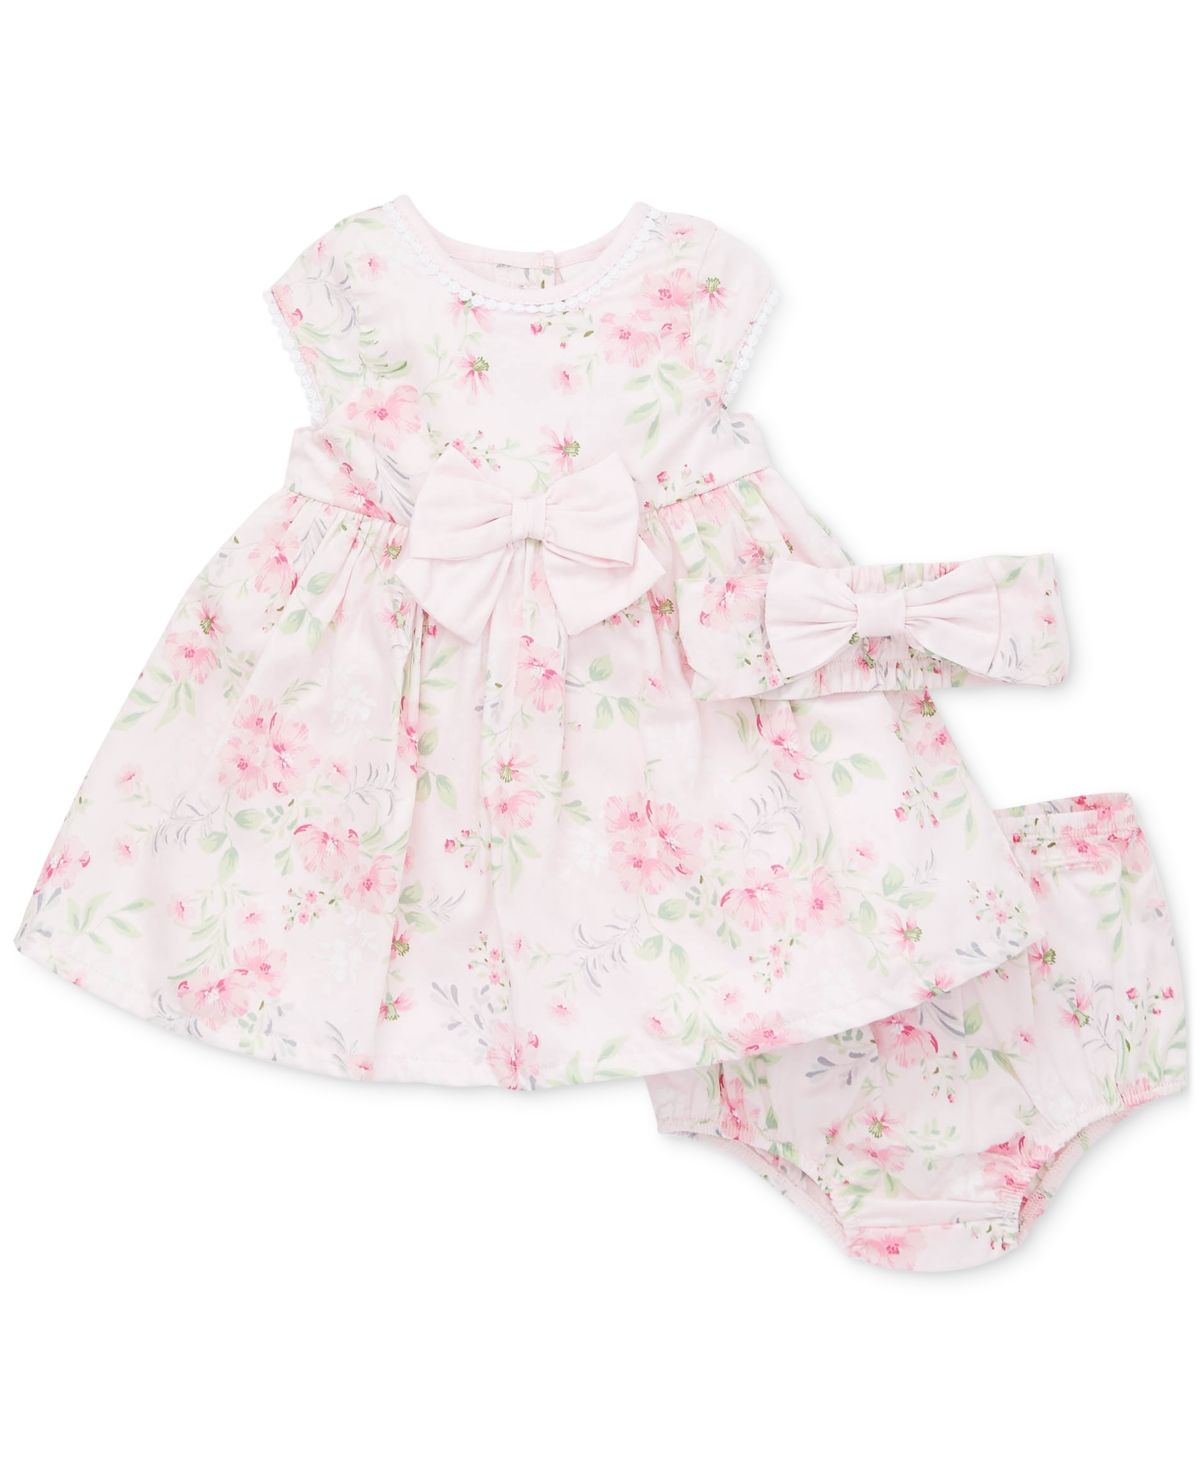 Little Me Baby Girls Dress Set Dress